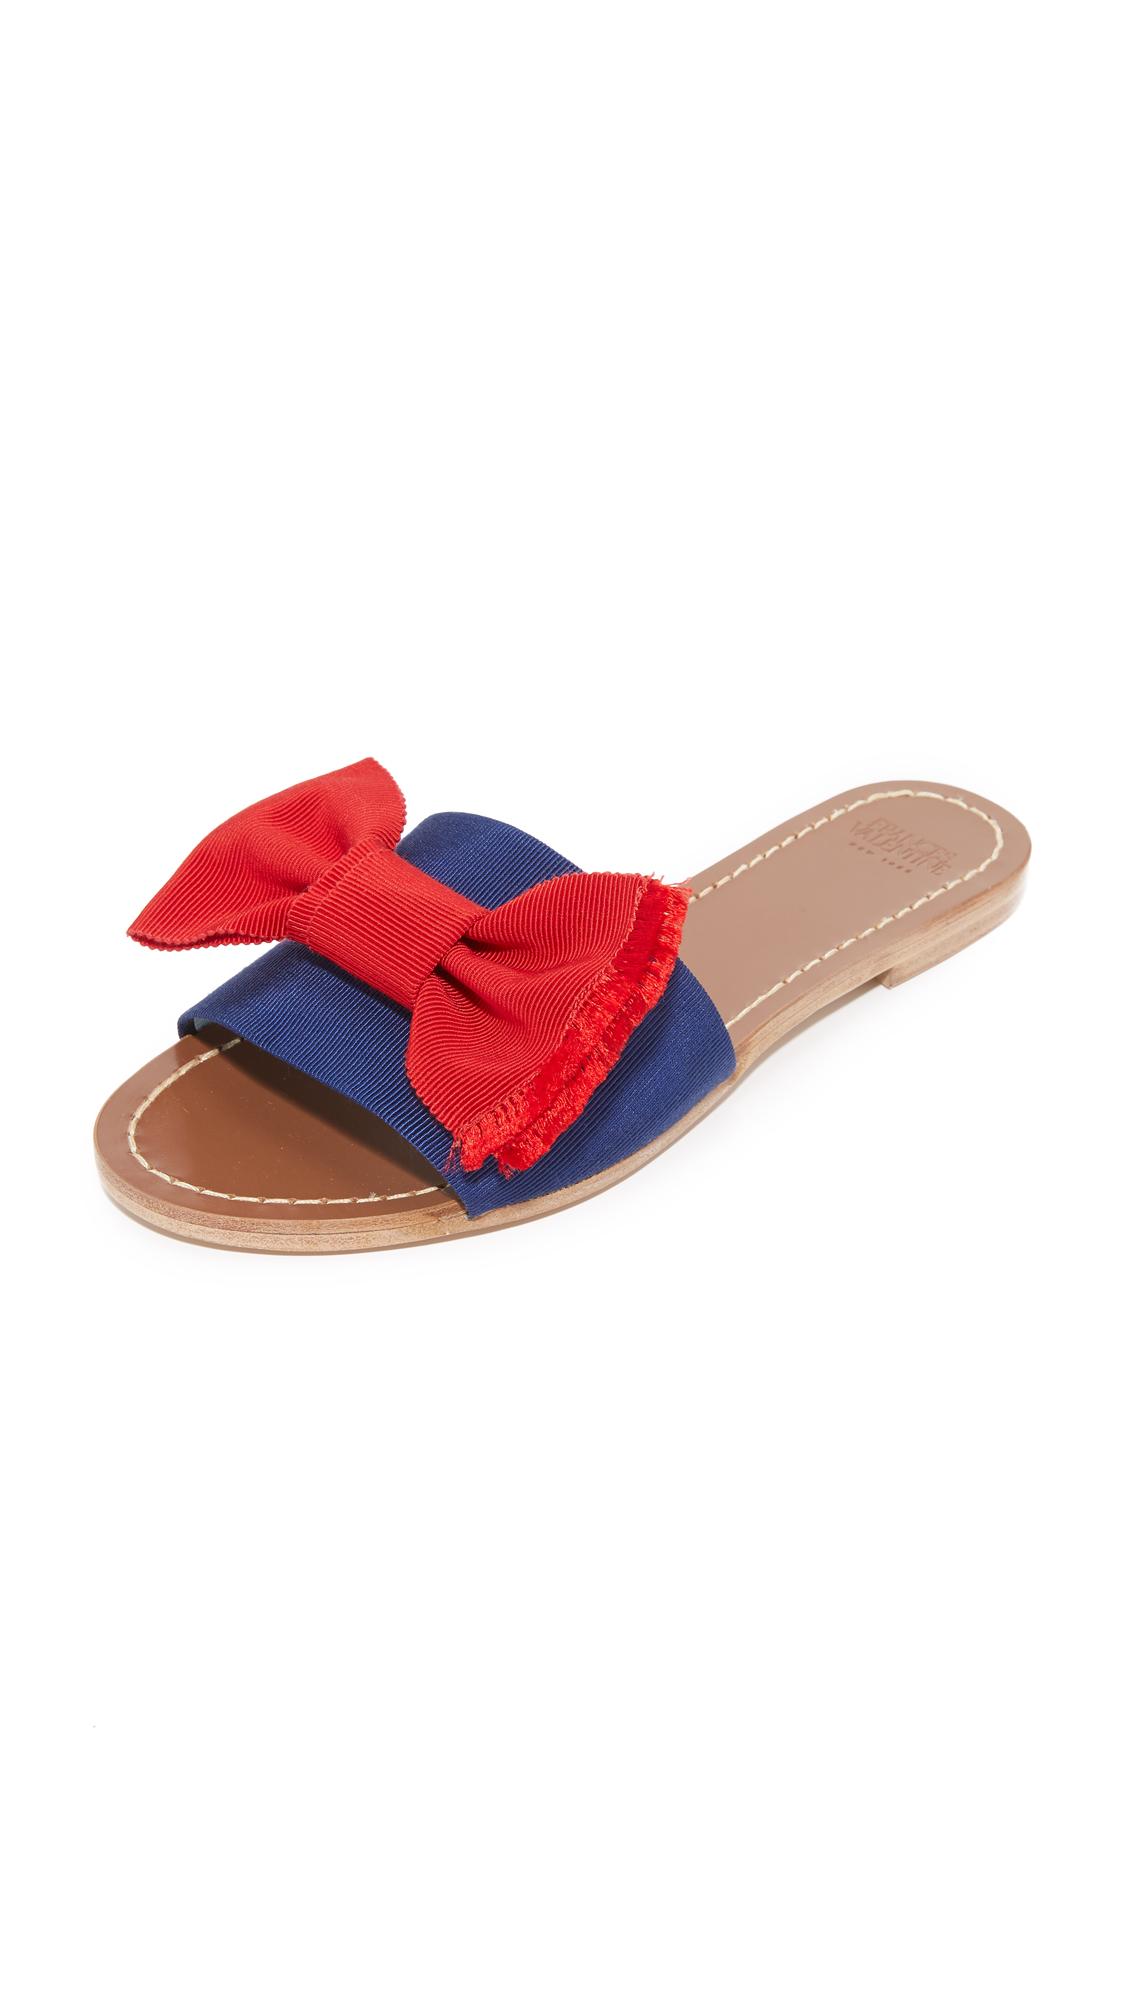 Photo of Frances Valentine Judy Bow Slides Blue-Red - Frances Valentine online